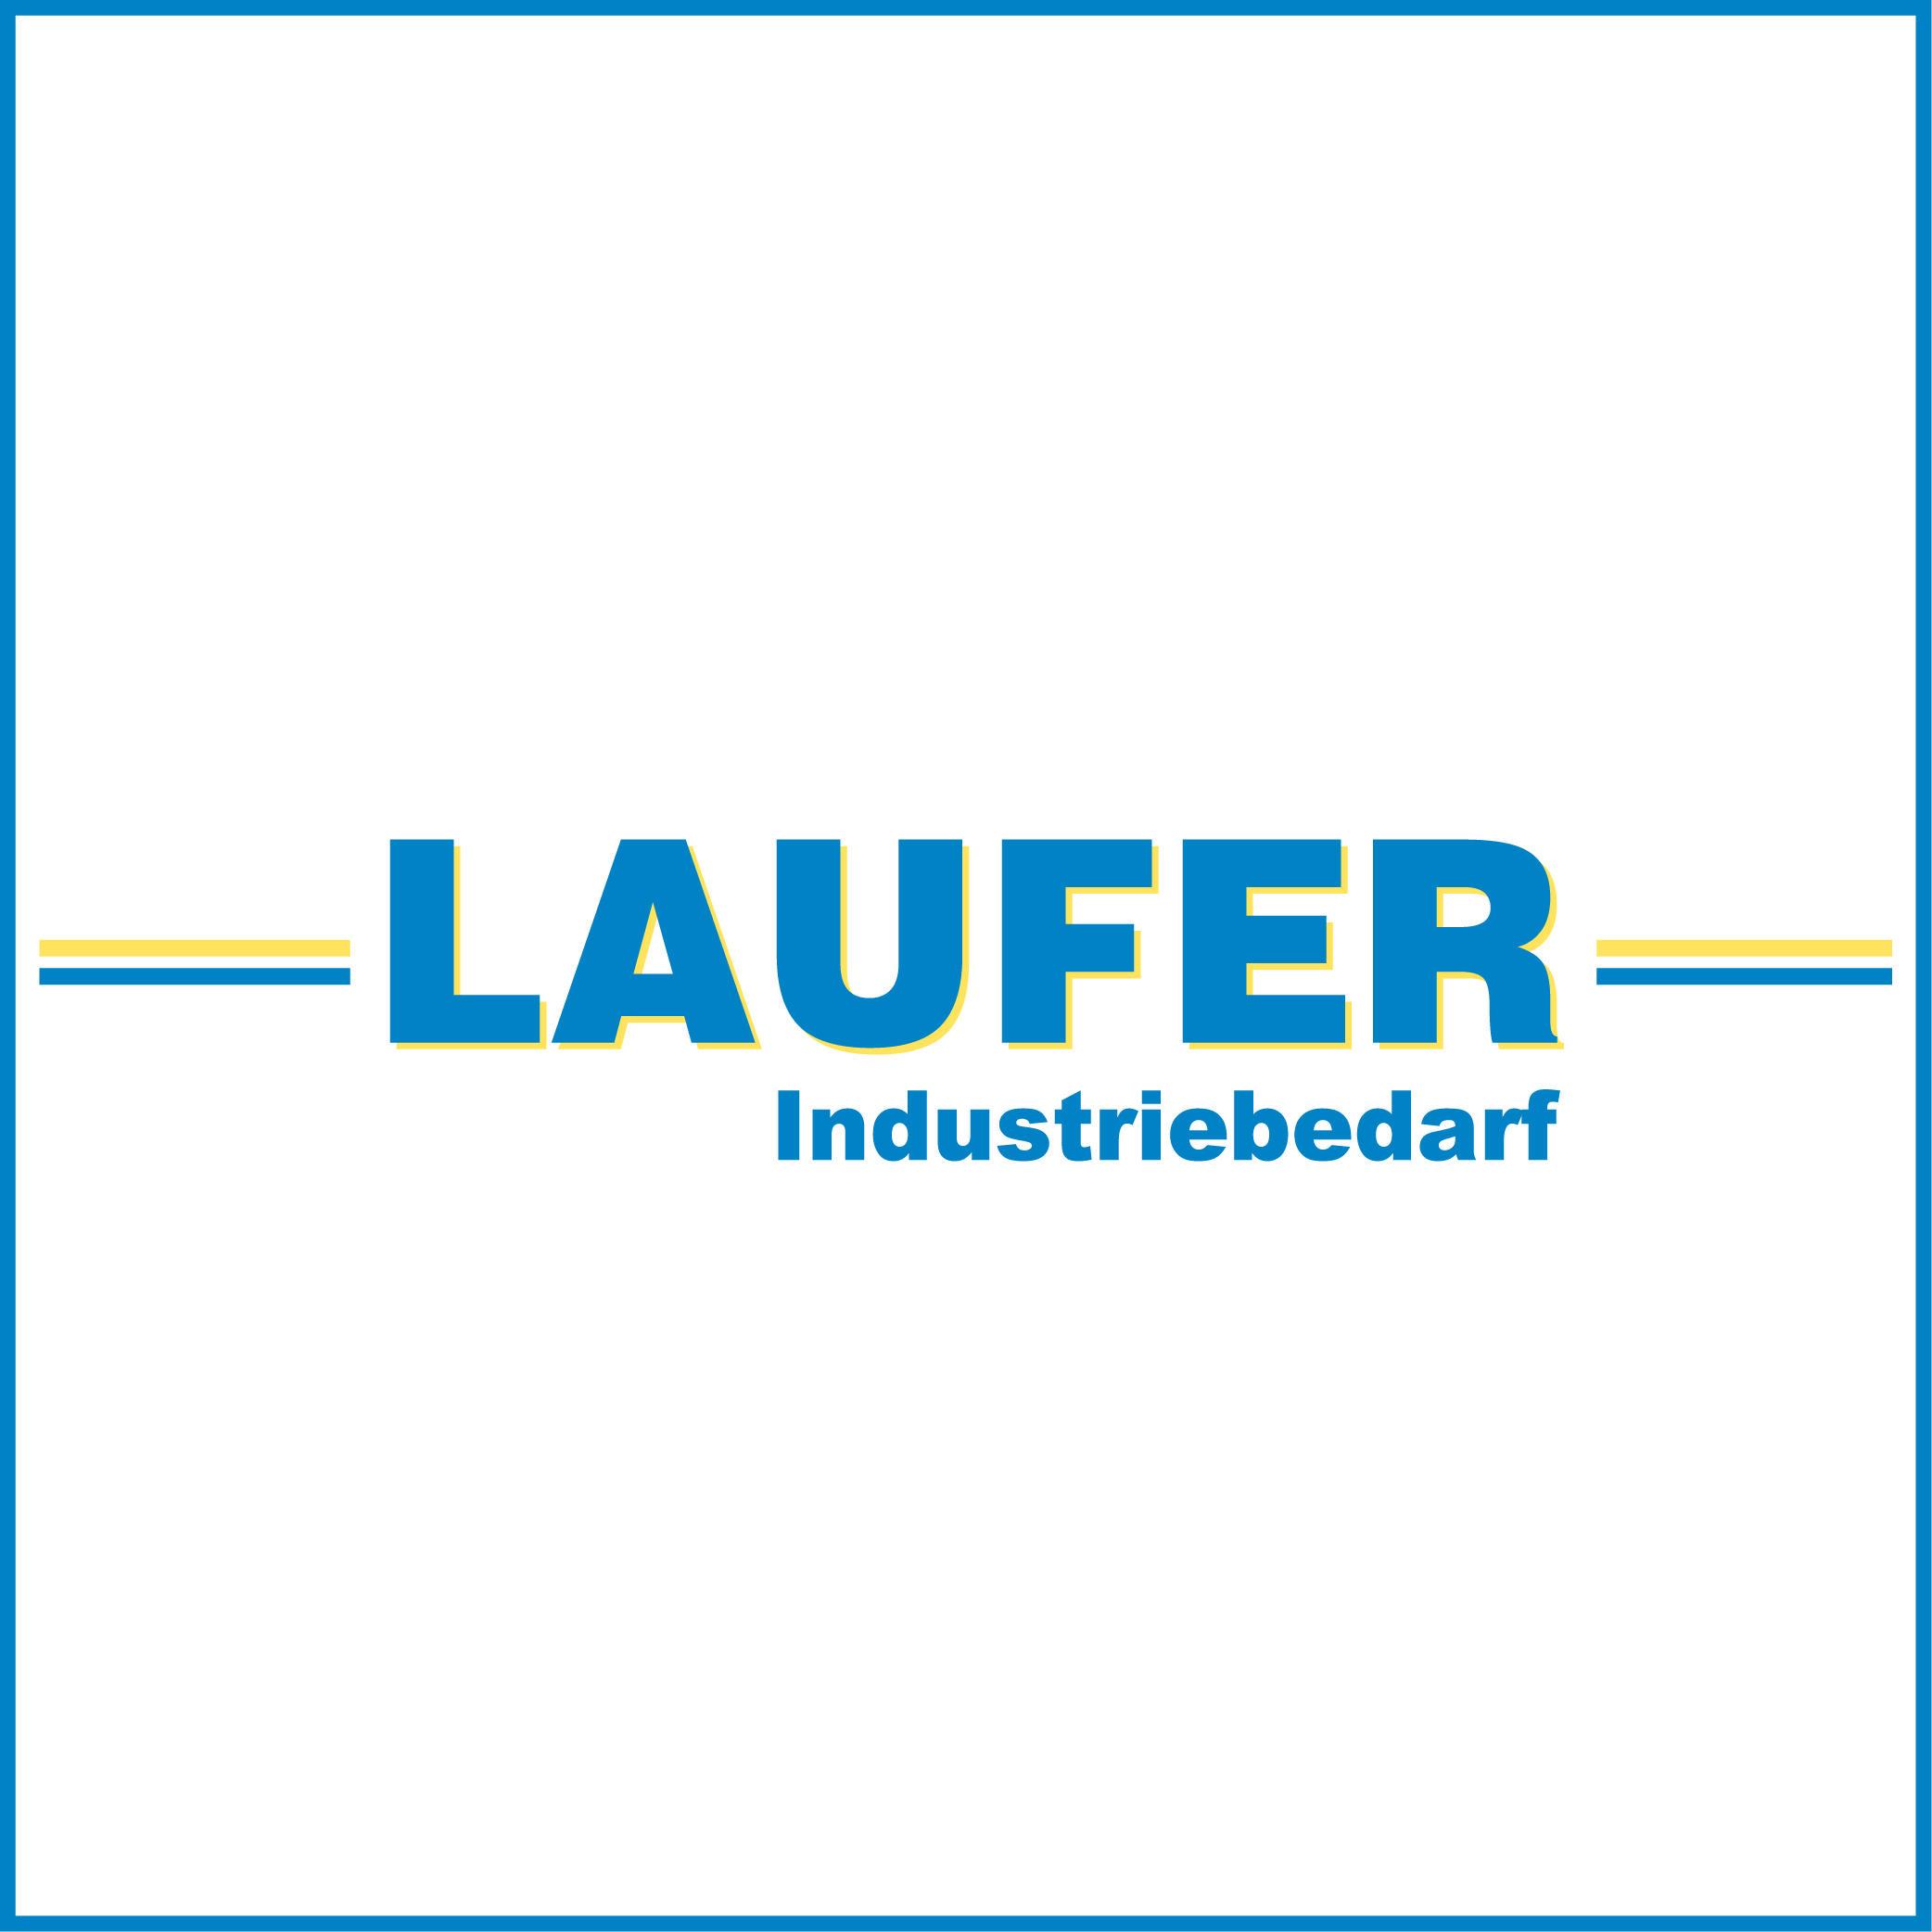 Laufer: Paul Laufer GmbH & Co. KG (Gießen) Kontaktieren